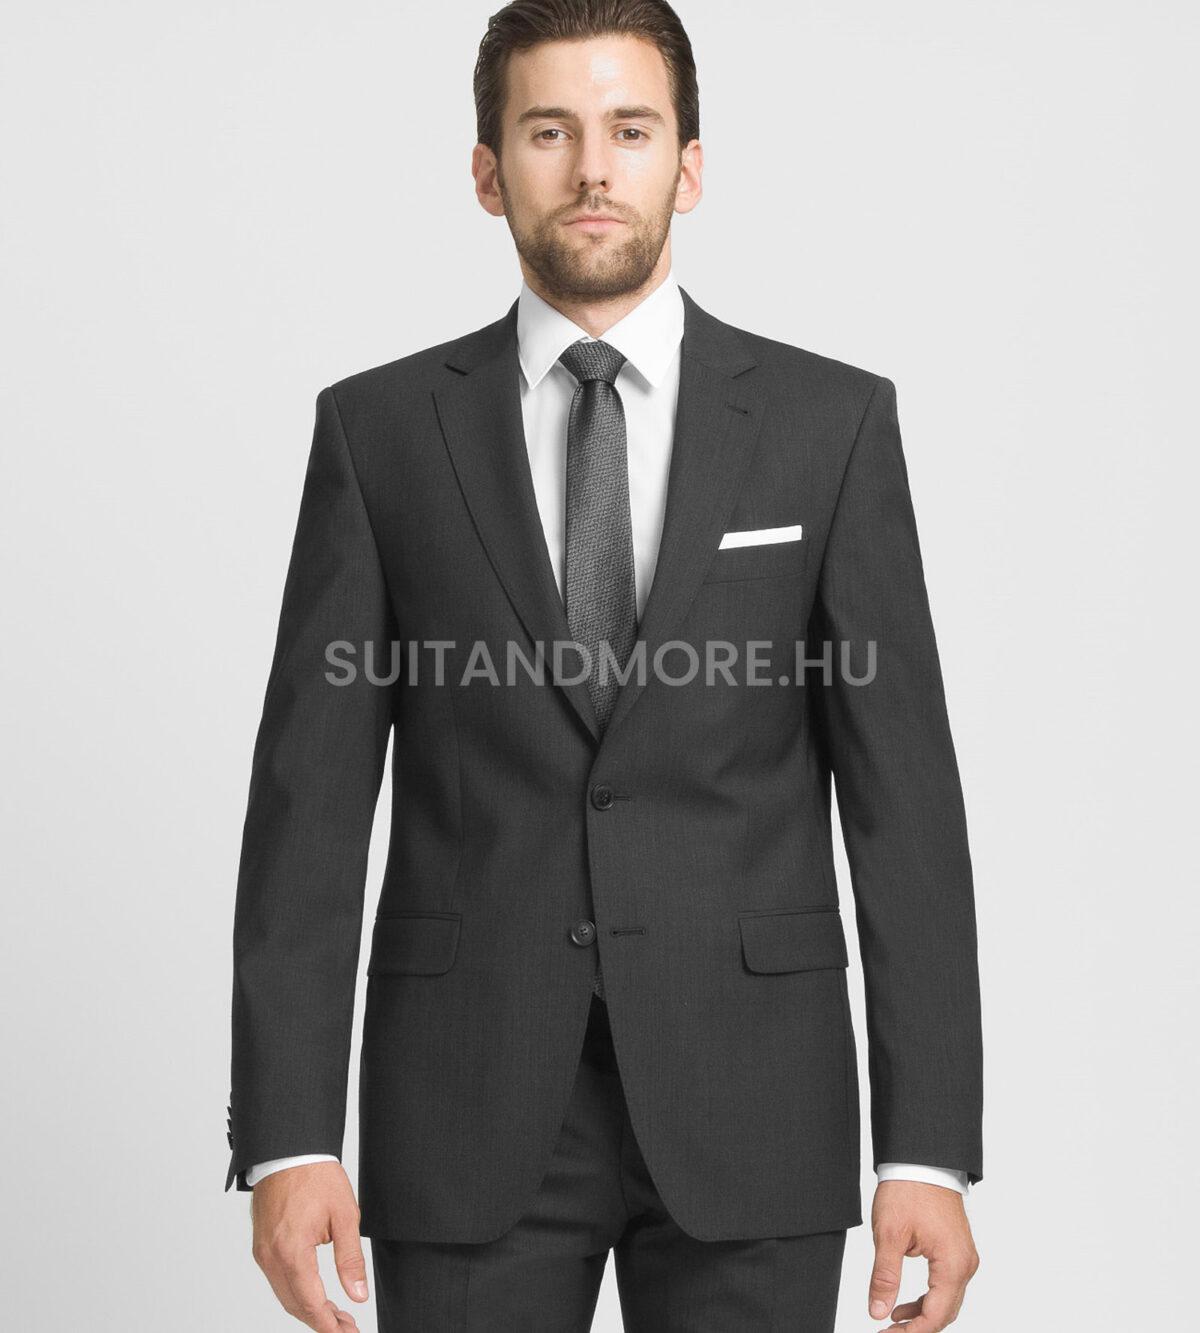 power-suit-modern-fit-strukturalt-grafitszurke-oltony-damian-amf-per-99640-10-02